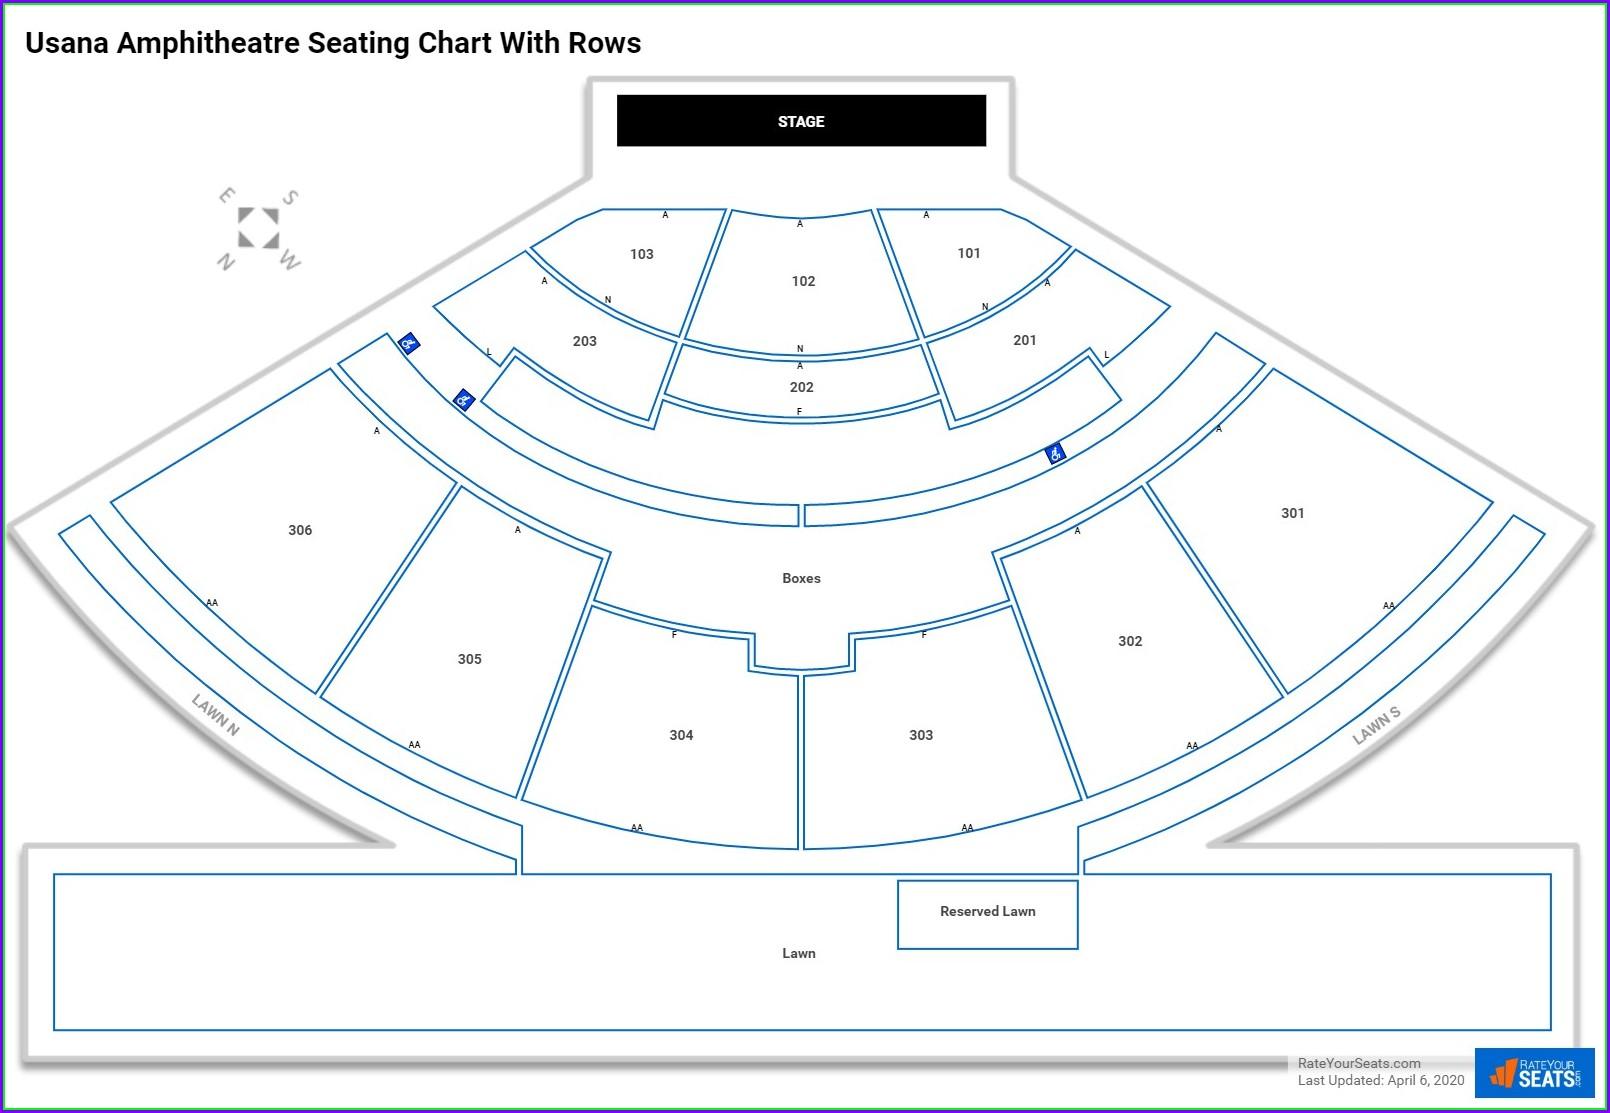 Usana Amphitheatre Seat Map